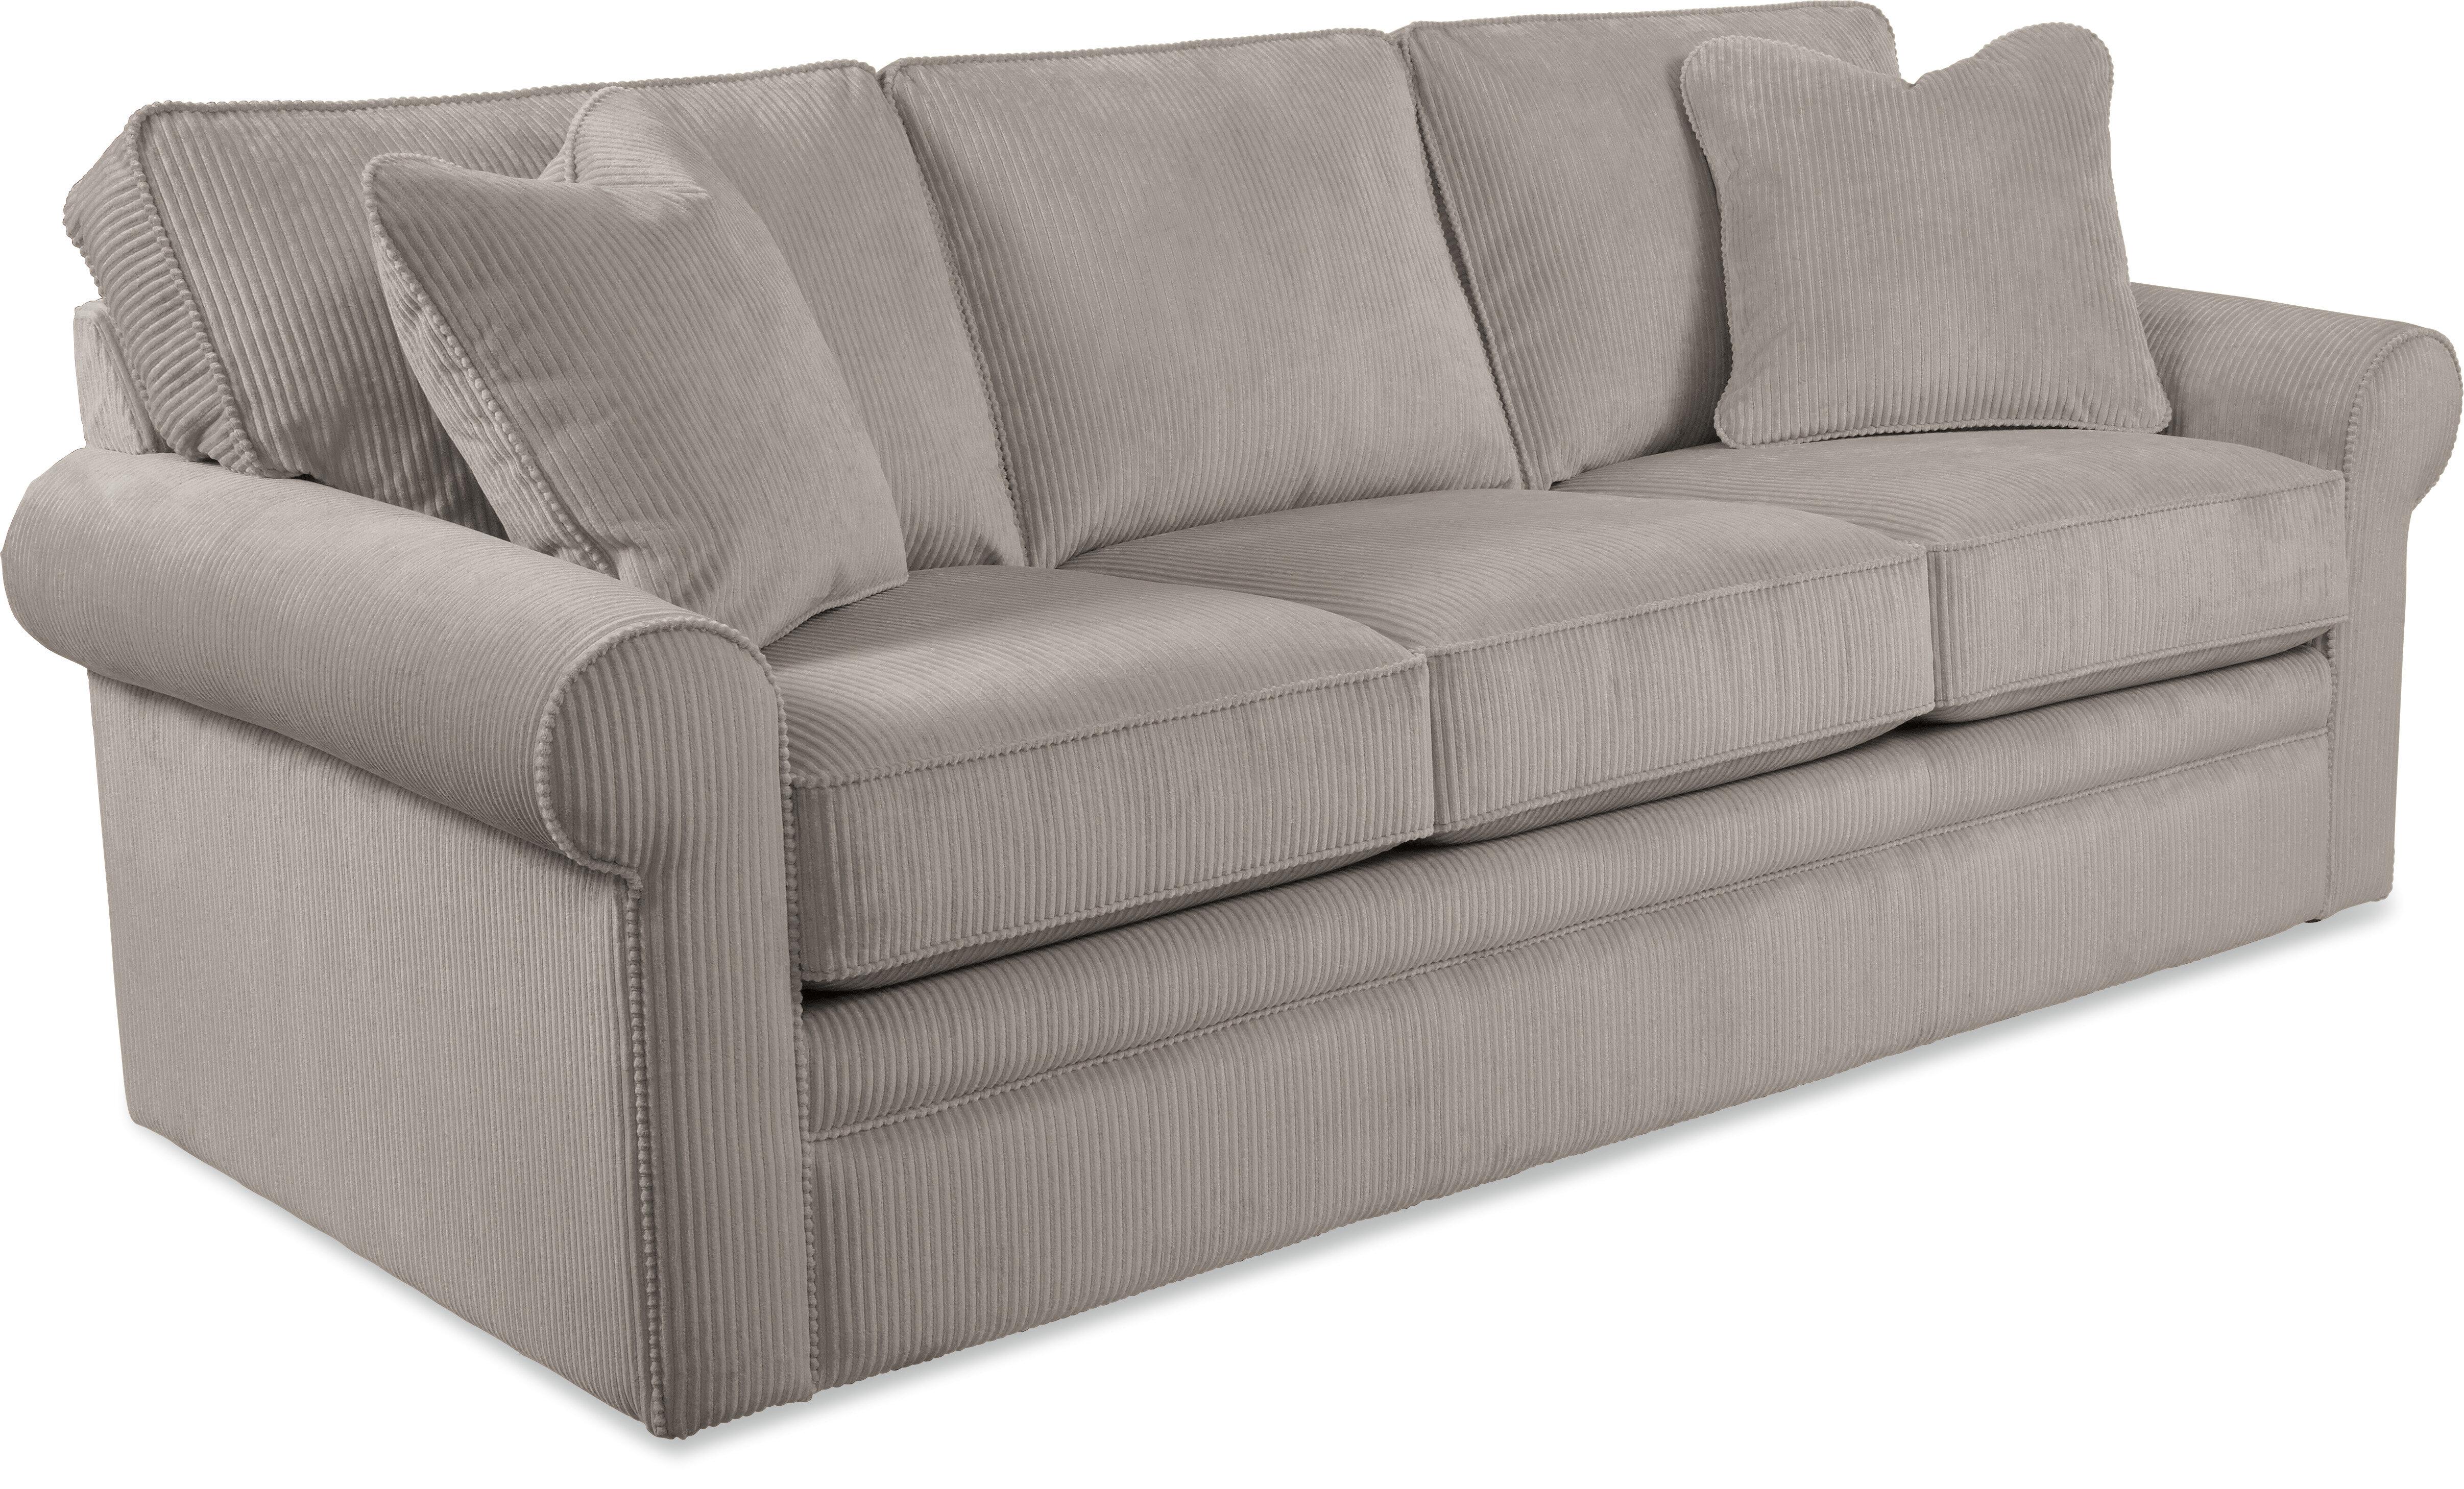 Etonnant La Z Boy Collins Premier Sofa U0026 Reviews | Wayfair